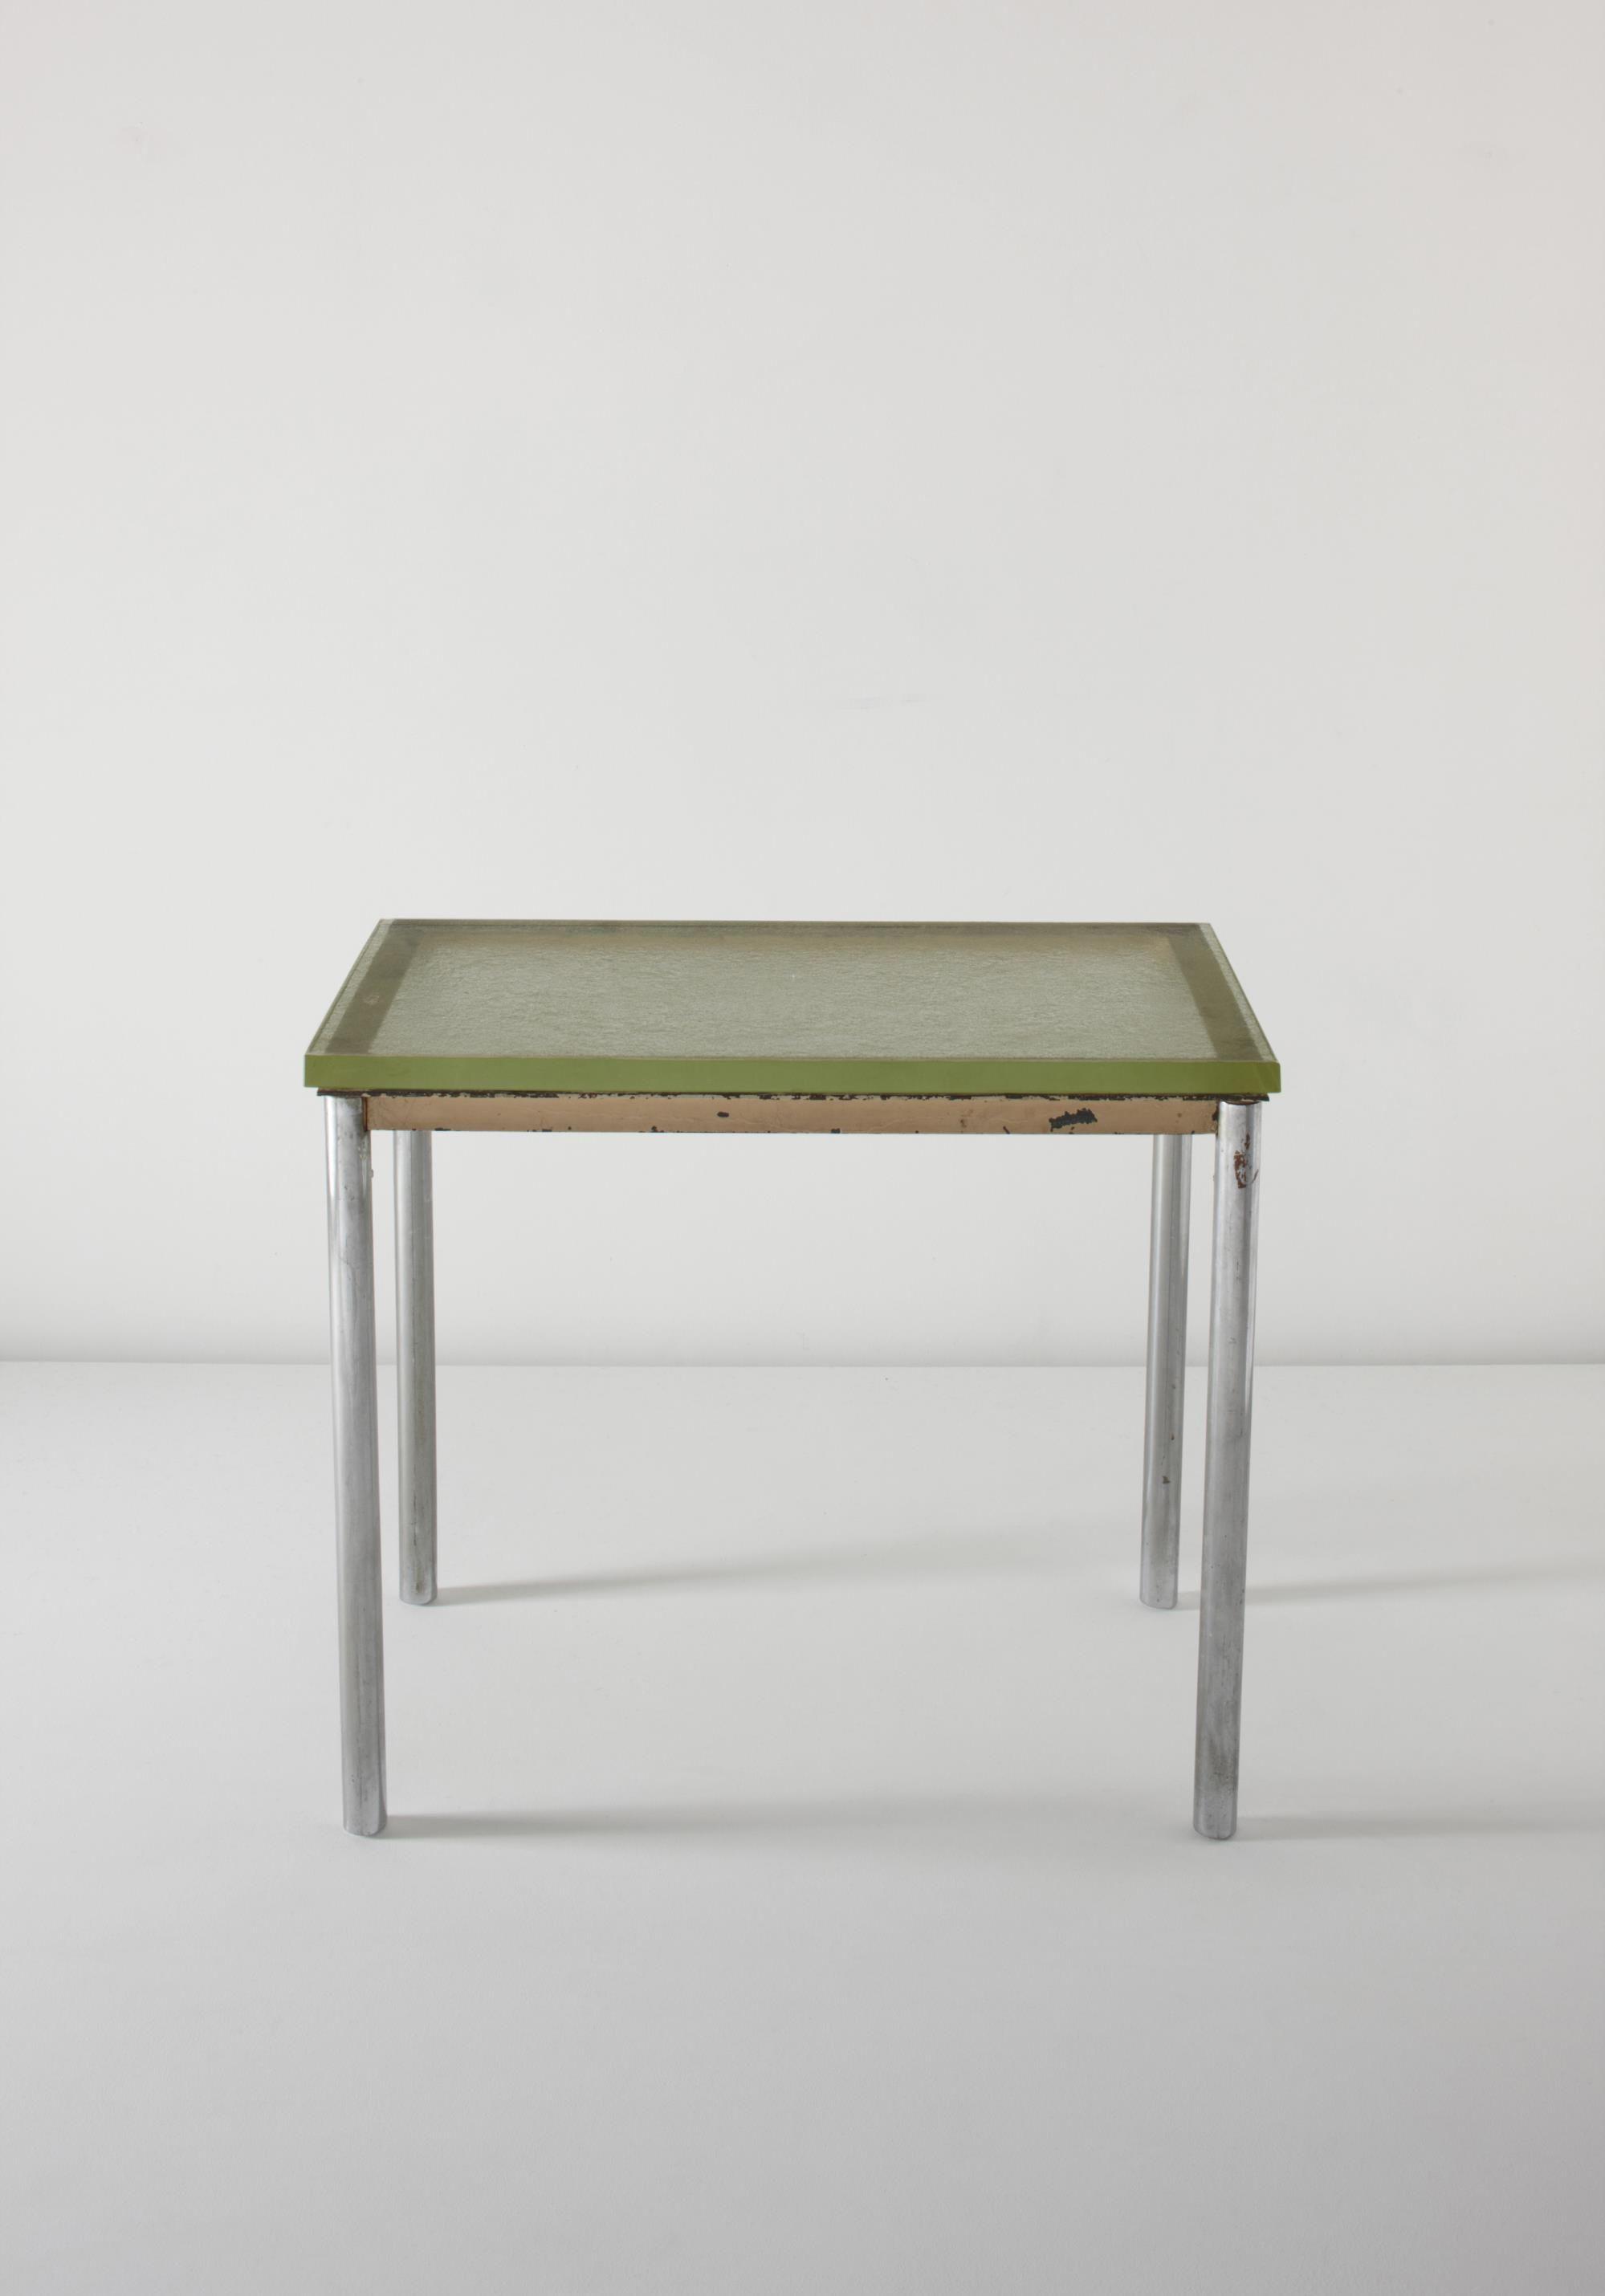 a57e9ebdc1fe48361cd10fdba4a6b84a Frais De Table Exterieur Aluminium Schème